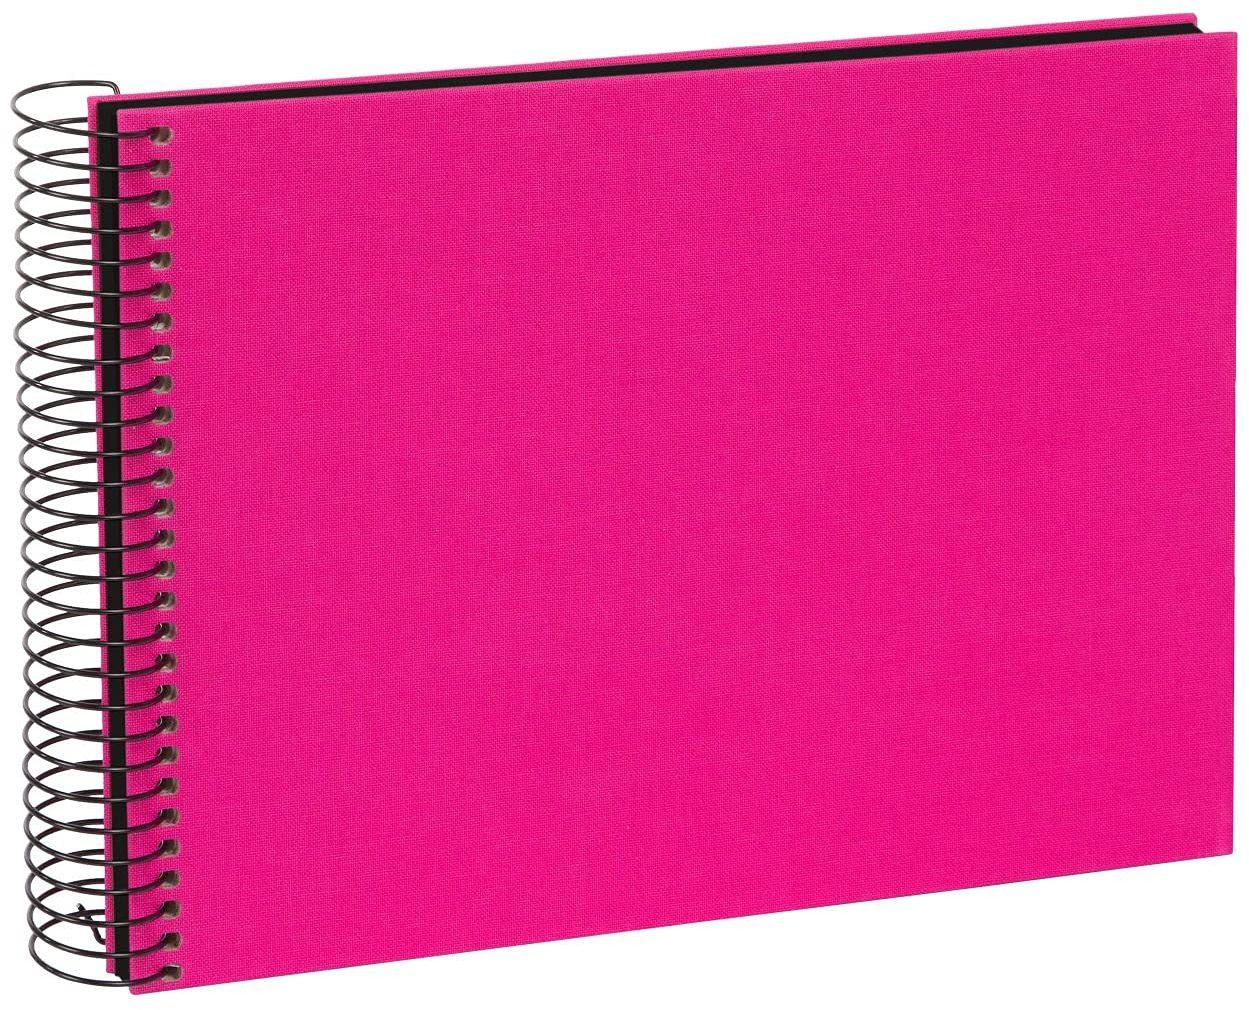 goldbuch 20964 album spiralny Bella Vista, album fotograficzny 24 x 17 cm, album fotograficzny z 40 czarnymi stronami, album na wspomnienia z lnu, fotoksiążka do wklejania, różowy